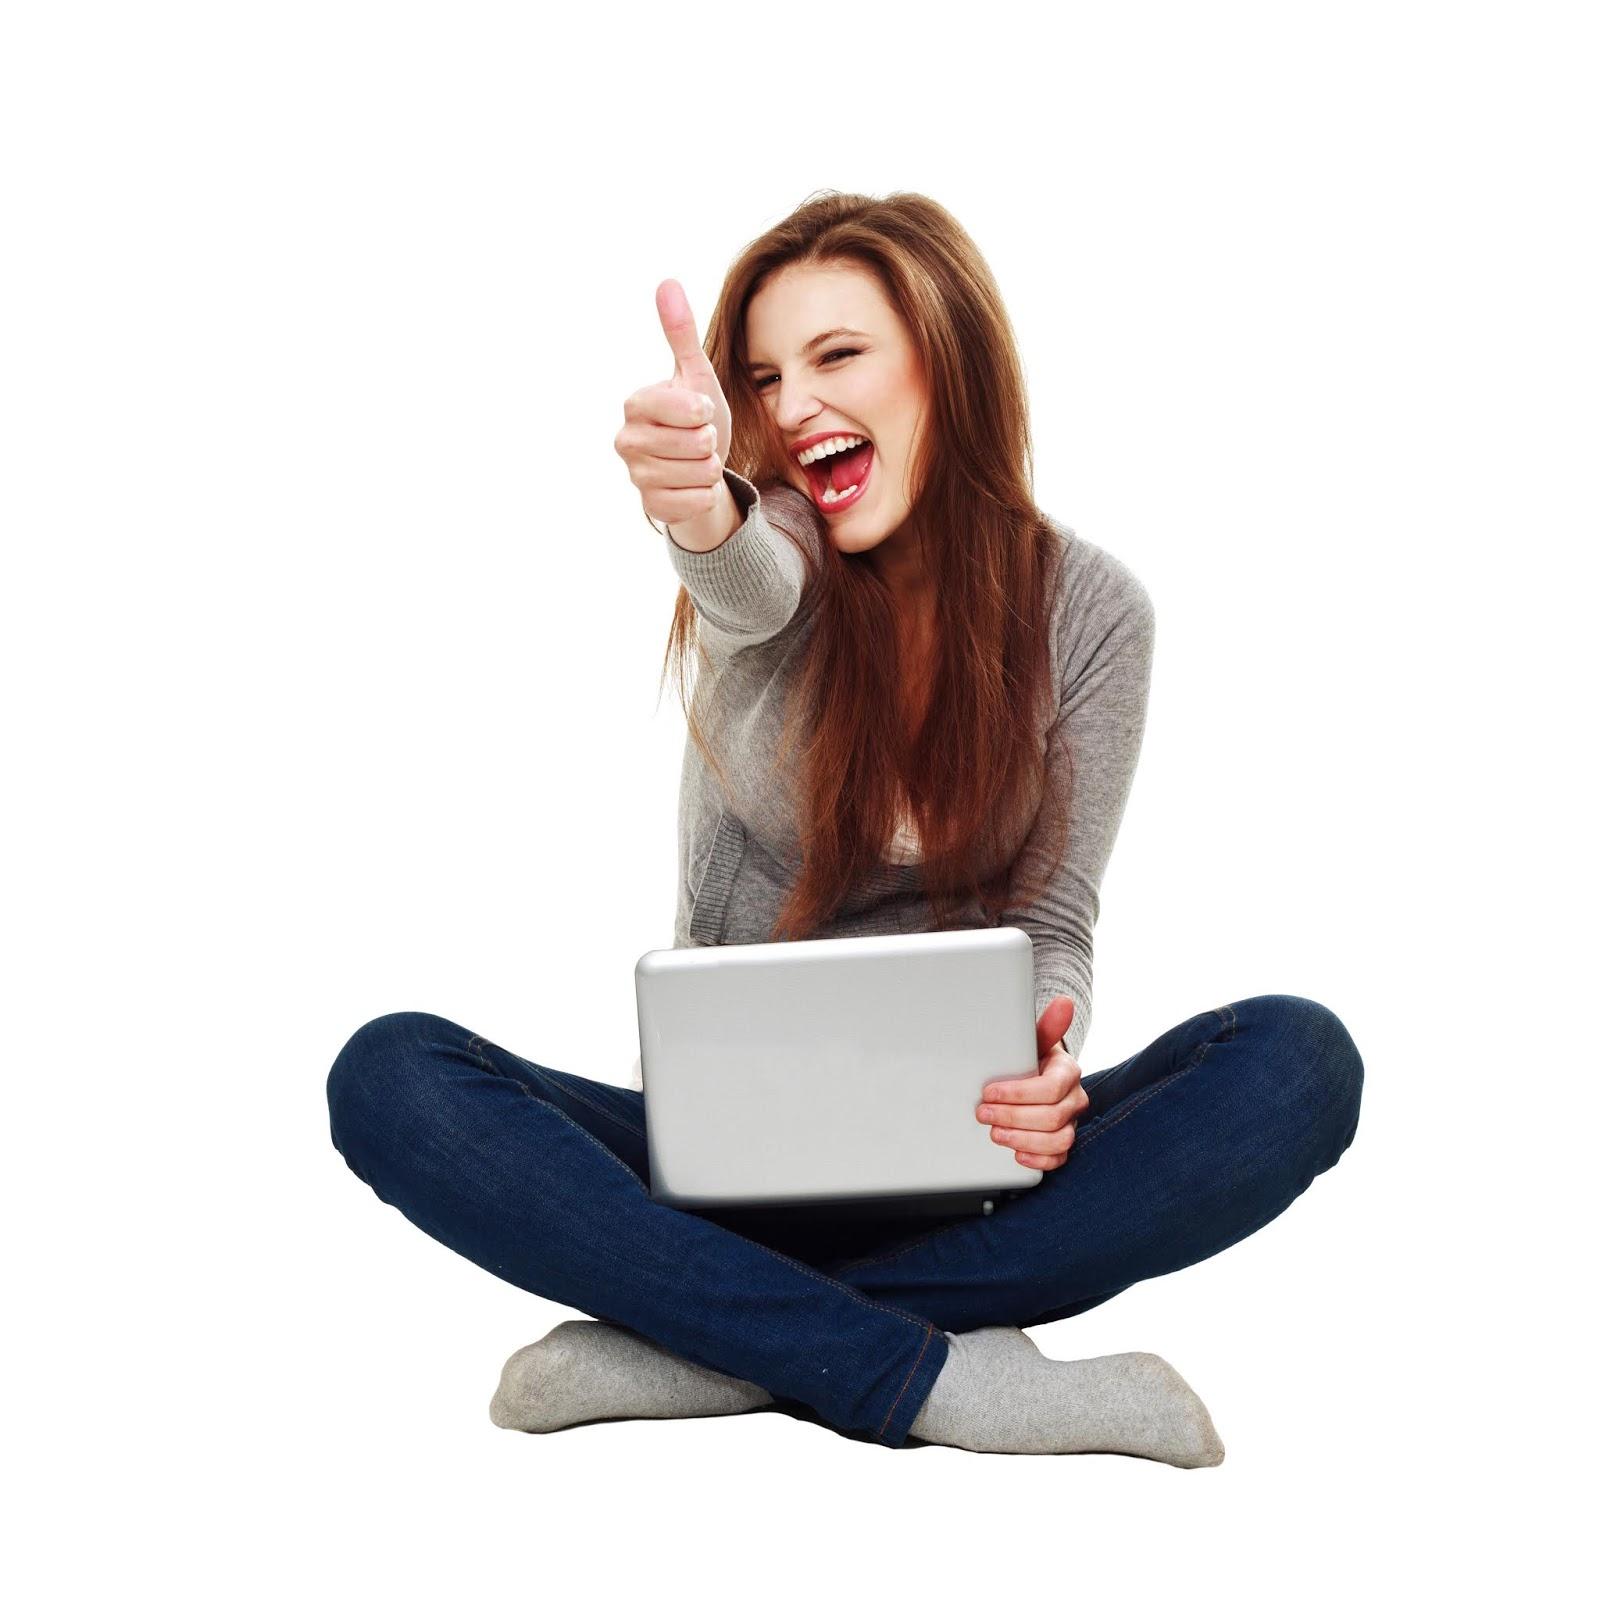 Ахи трахи девушка показывает интернет пространству форме порно онлайн